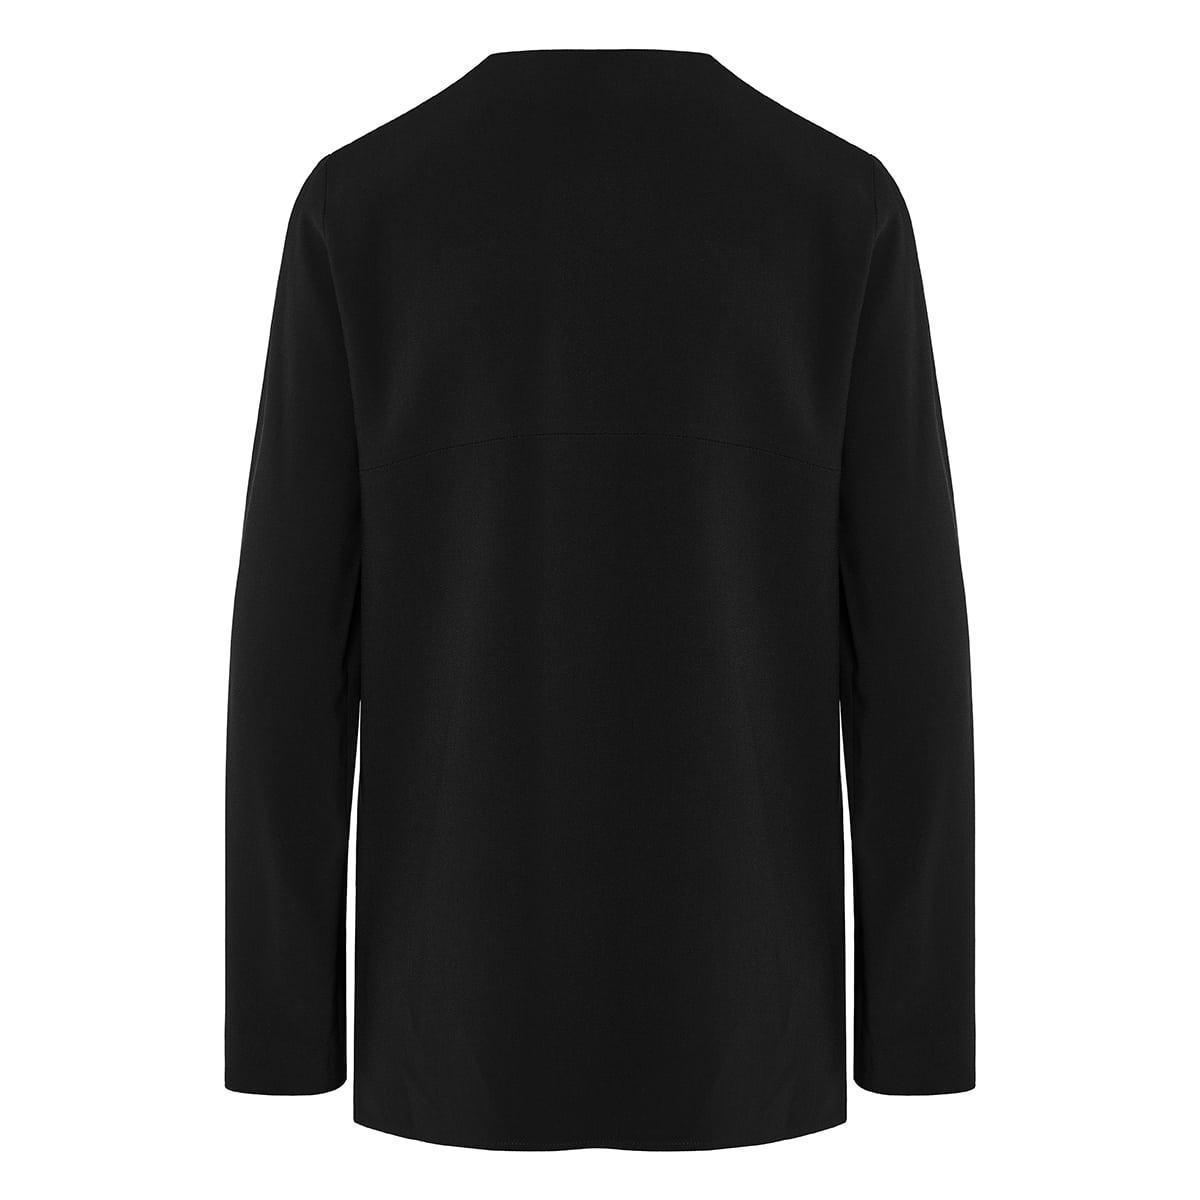 Arlesa crepe blouse